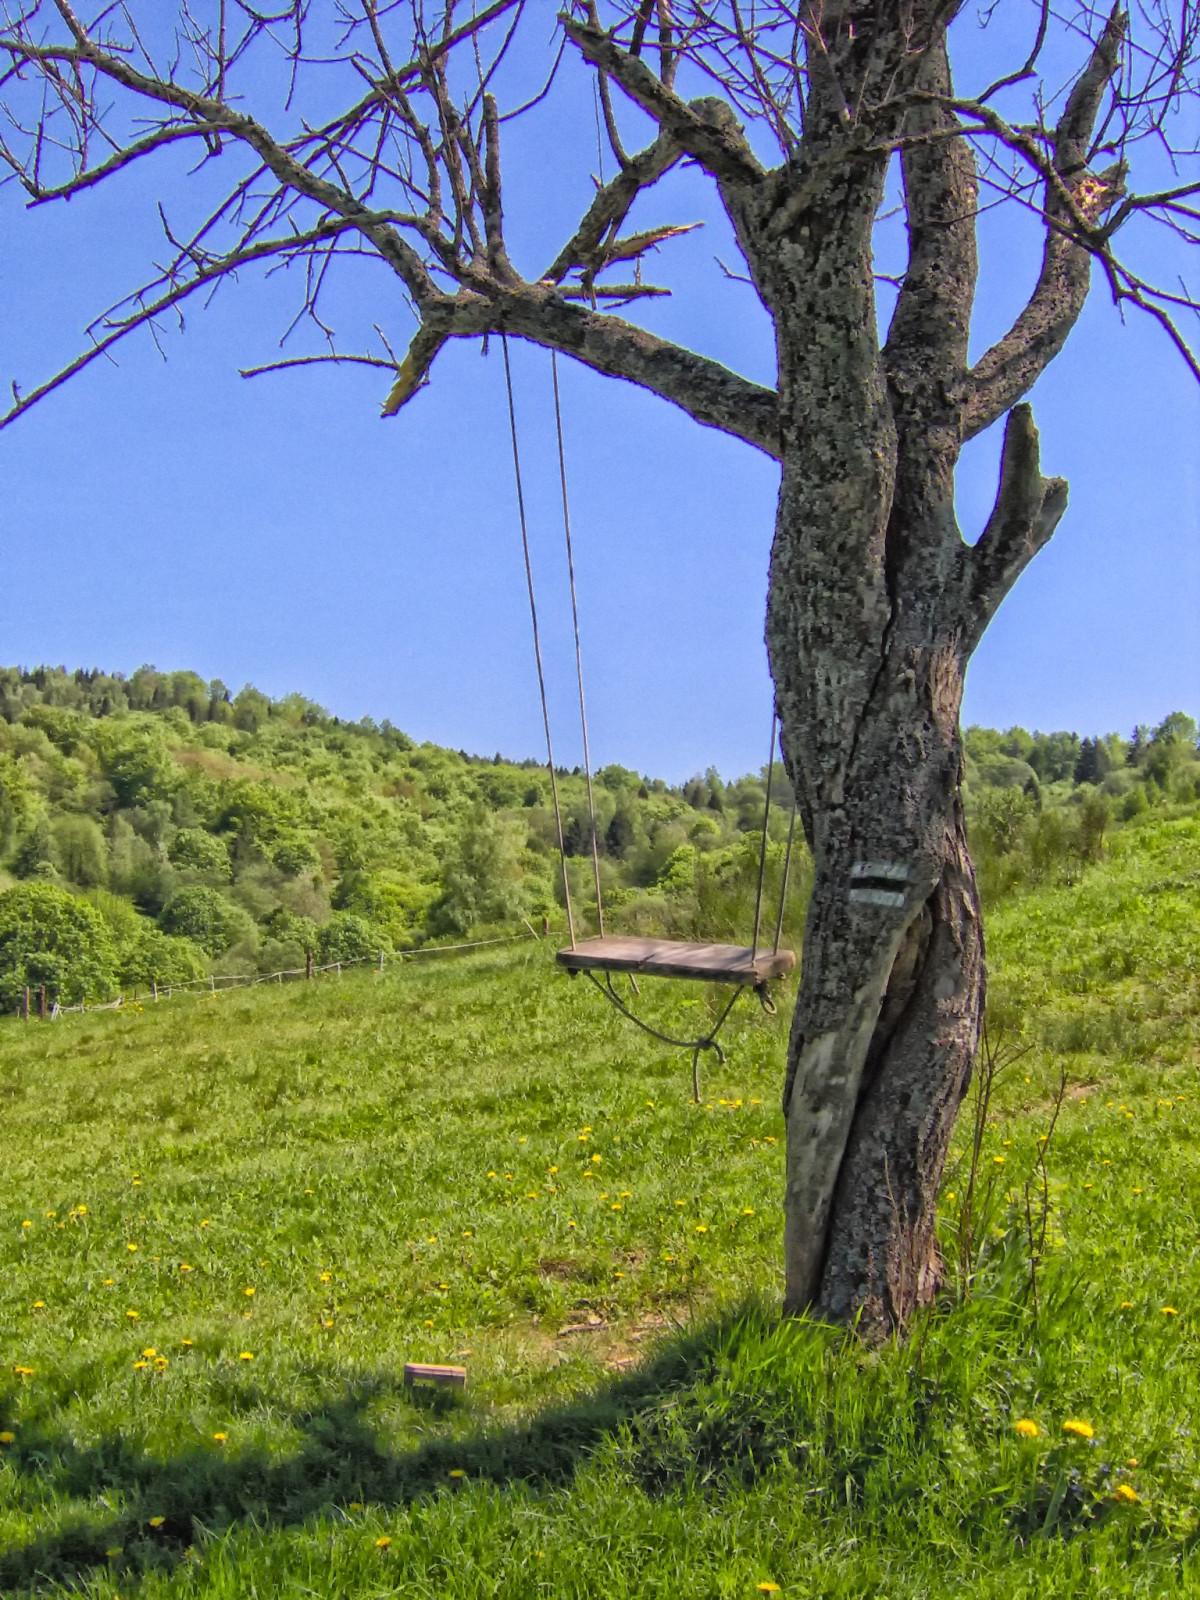 images gratuites paysage arbre la nature herbe plante prairie campagne colline fleur. Black Bedroom Furniture Sets. Home Design Ideas